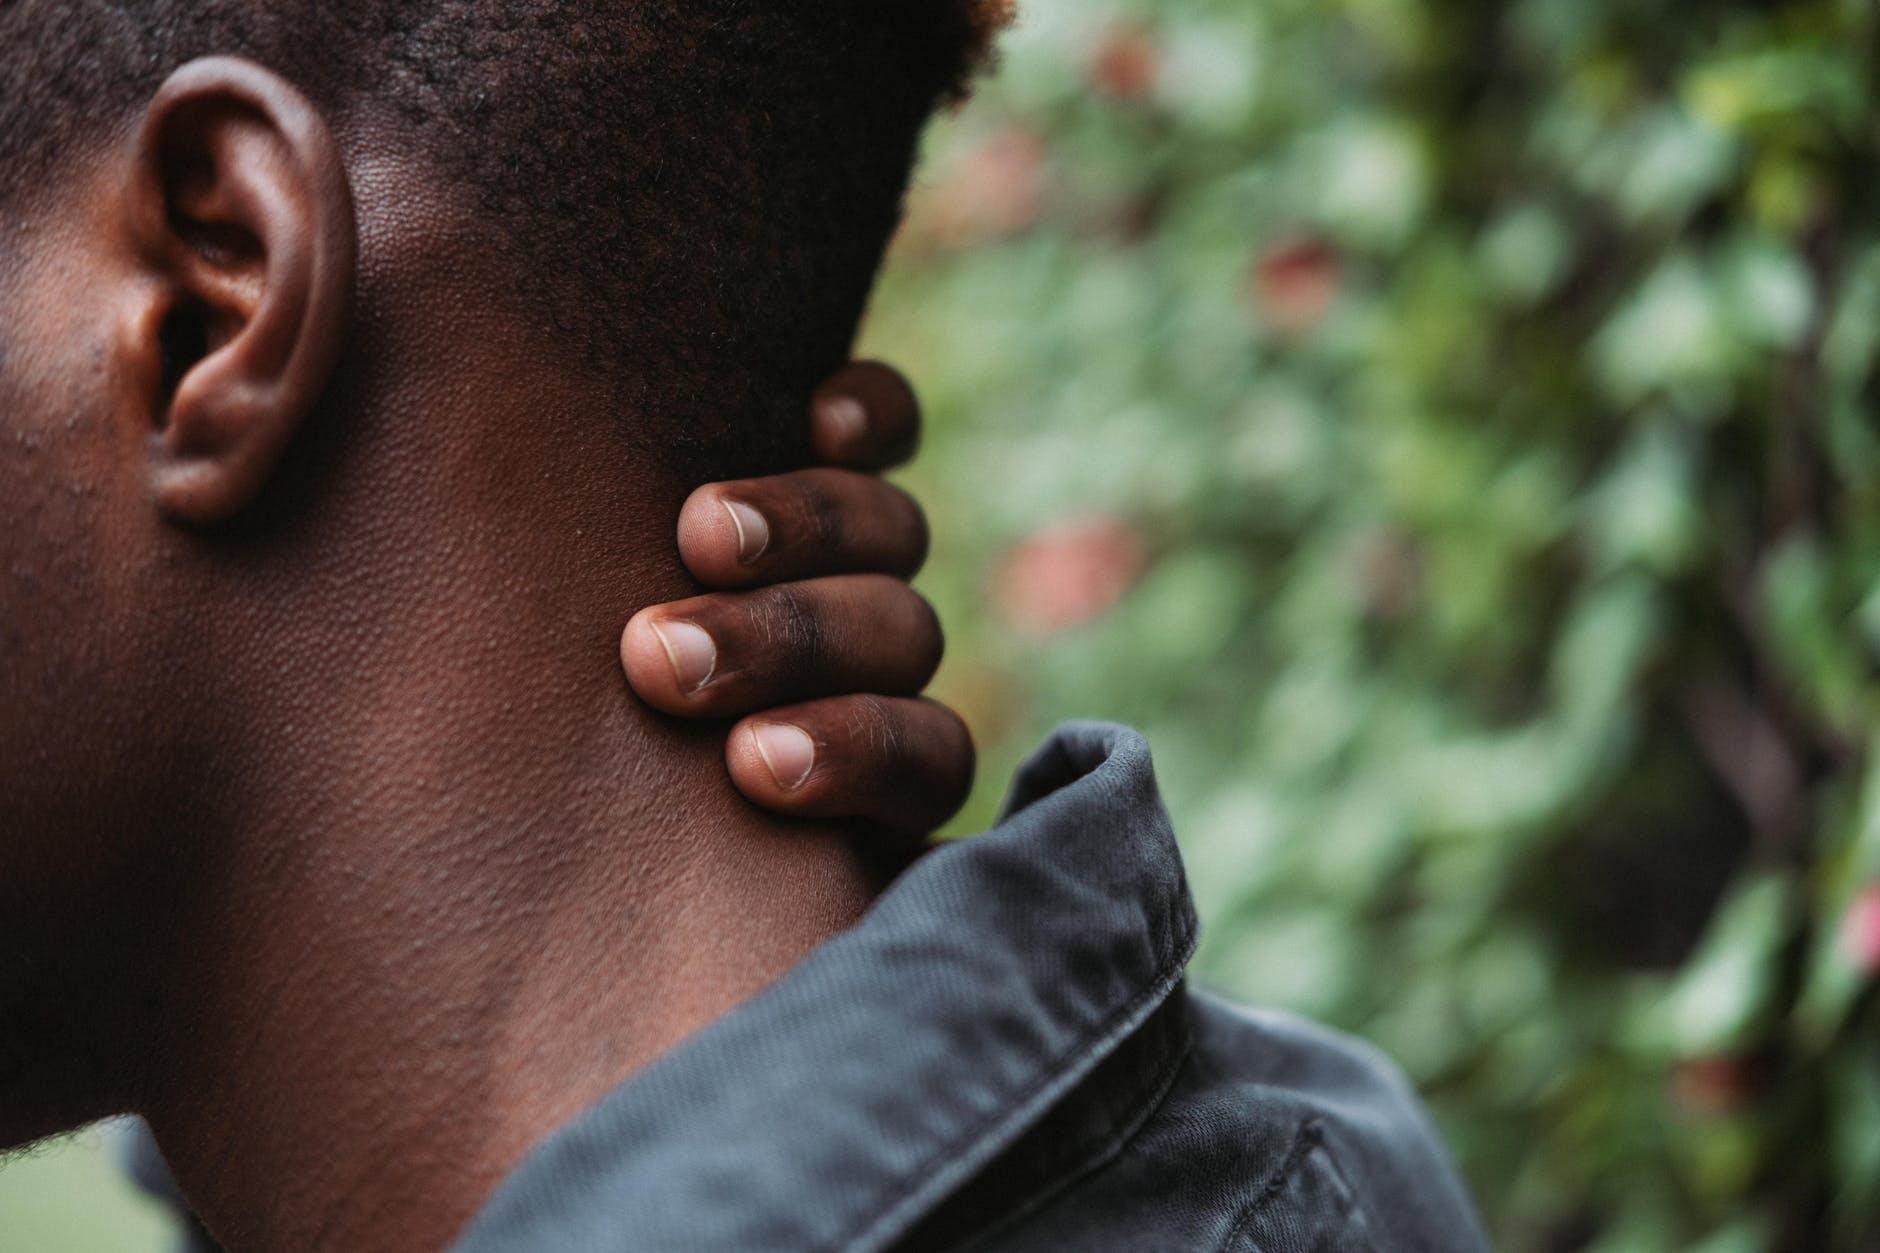 nekpijn en hoofdpijn is niet normaal om dit te hebben gedurende de dag.